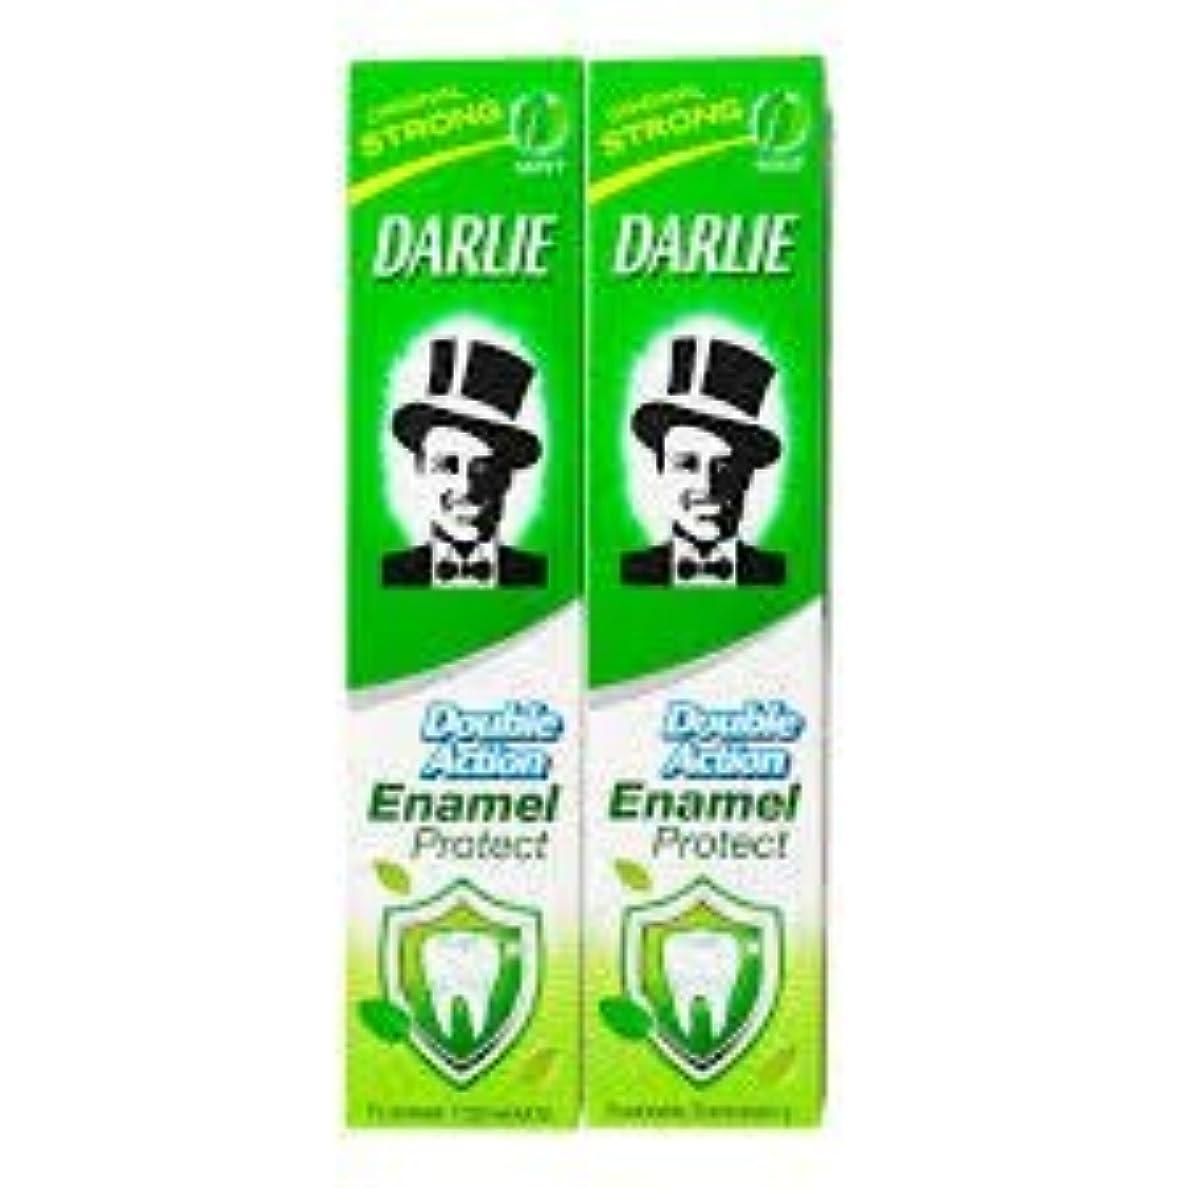 マラドロイト変装引き渡すDARLIE 歯磨き粉歯磨き粉二重の役割、保護エナメル強いミント2×220ケ - あなたの歯を強化し、防御の最前線